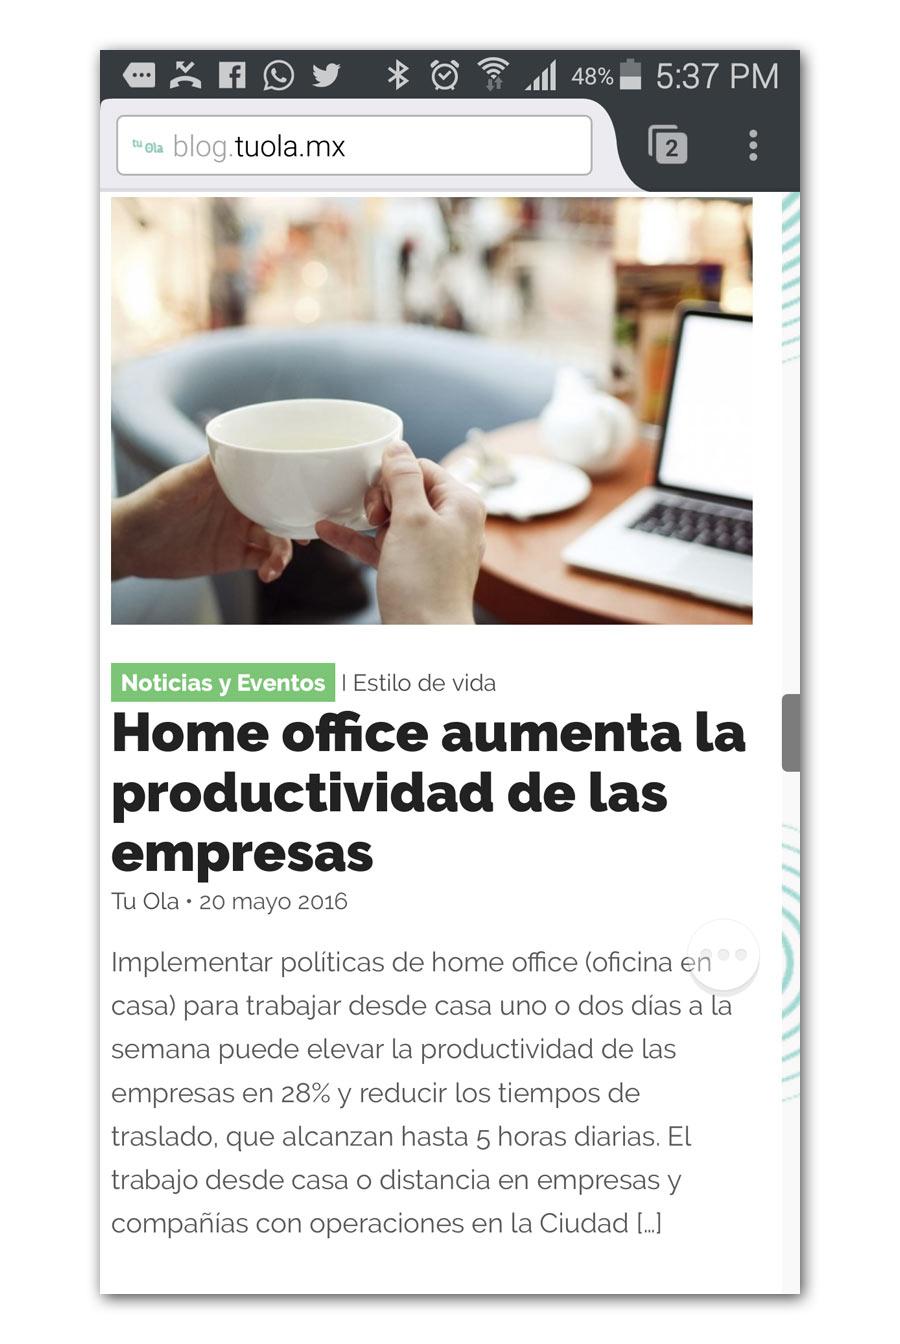 TuOla - Página Web - CreadoresWeb.mx